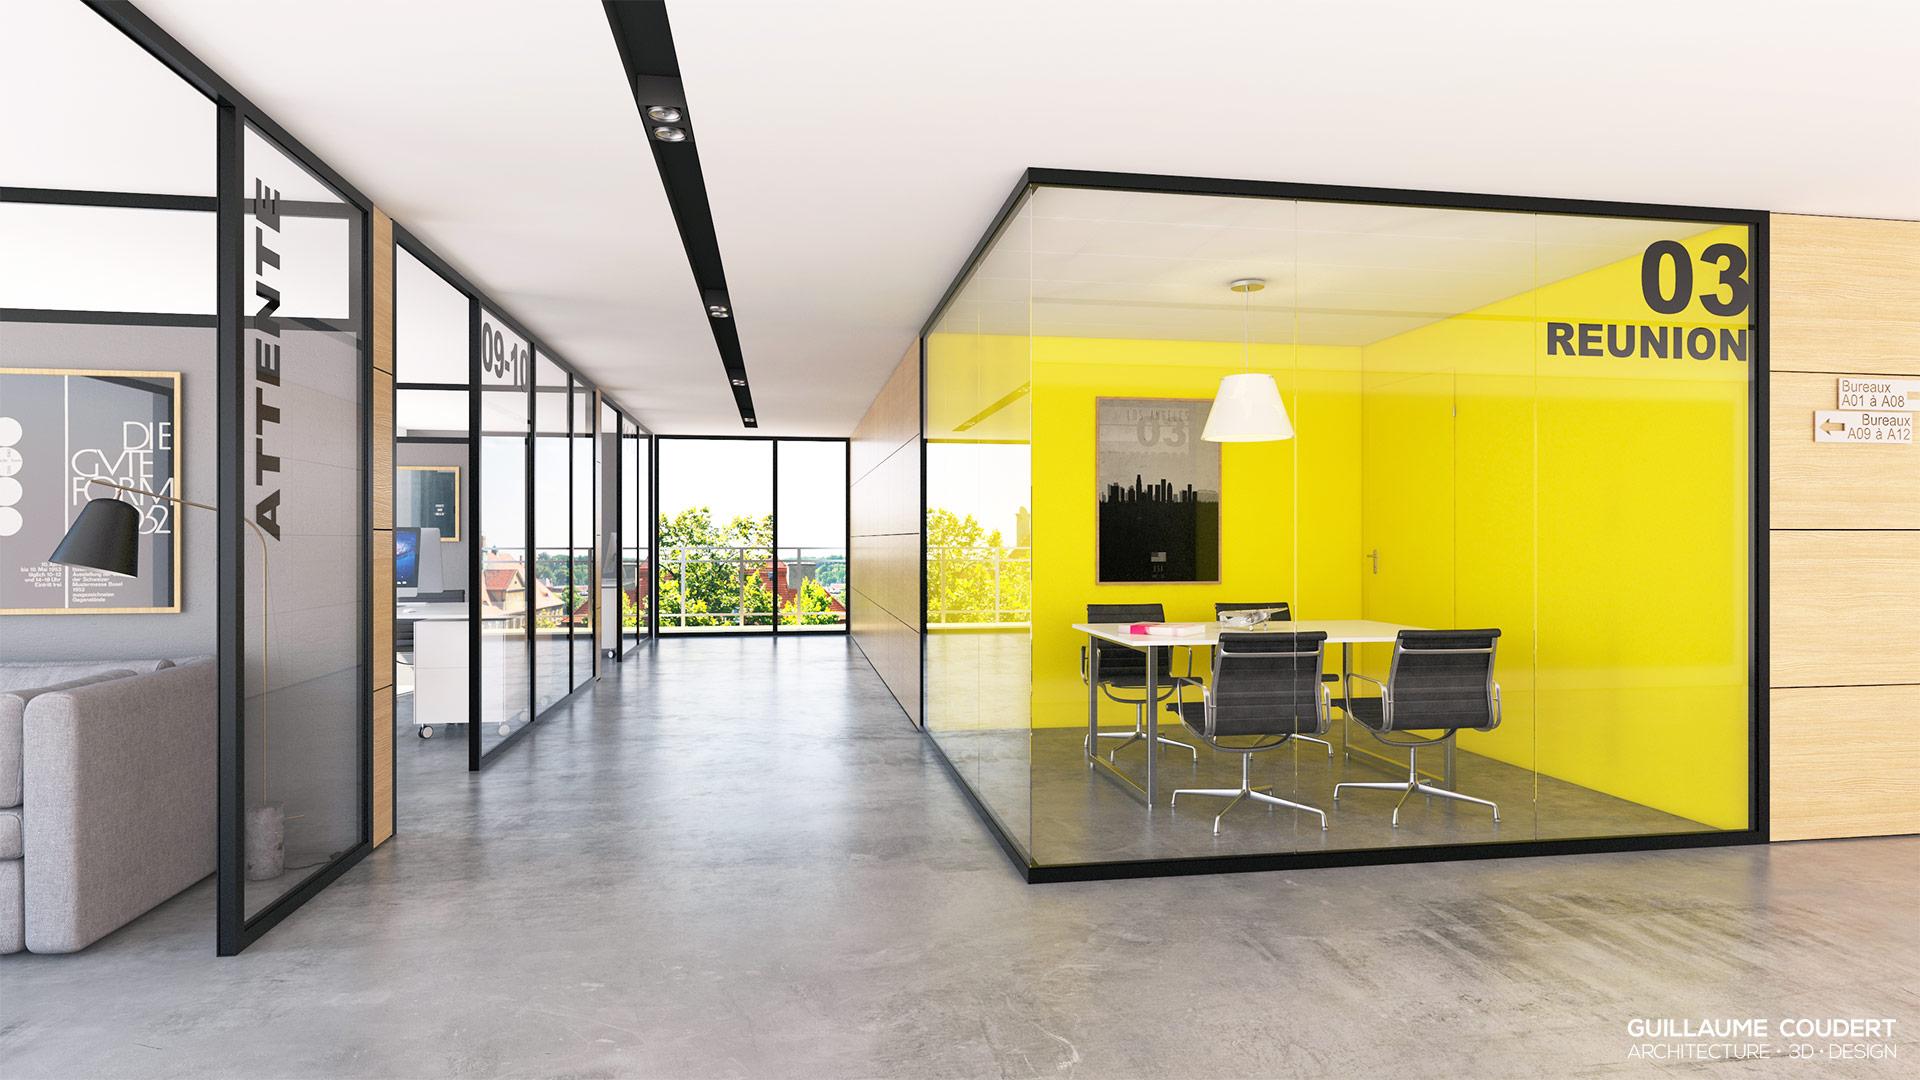 architecte voiron rouzes conception architecturale 3d guillaume